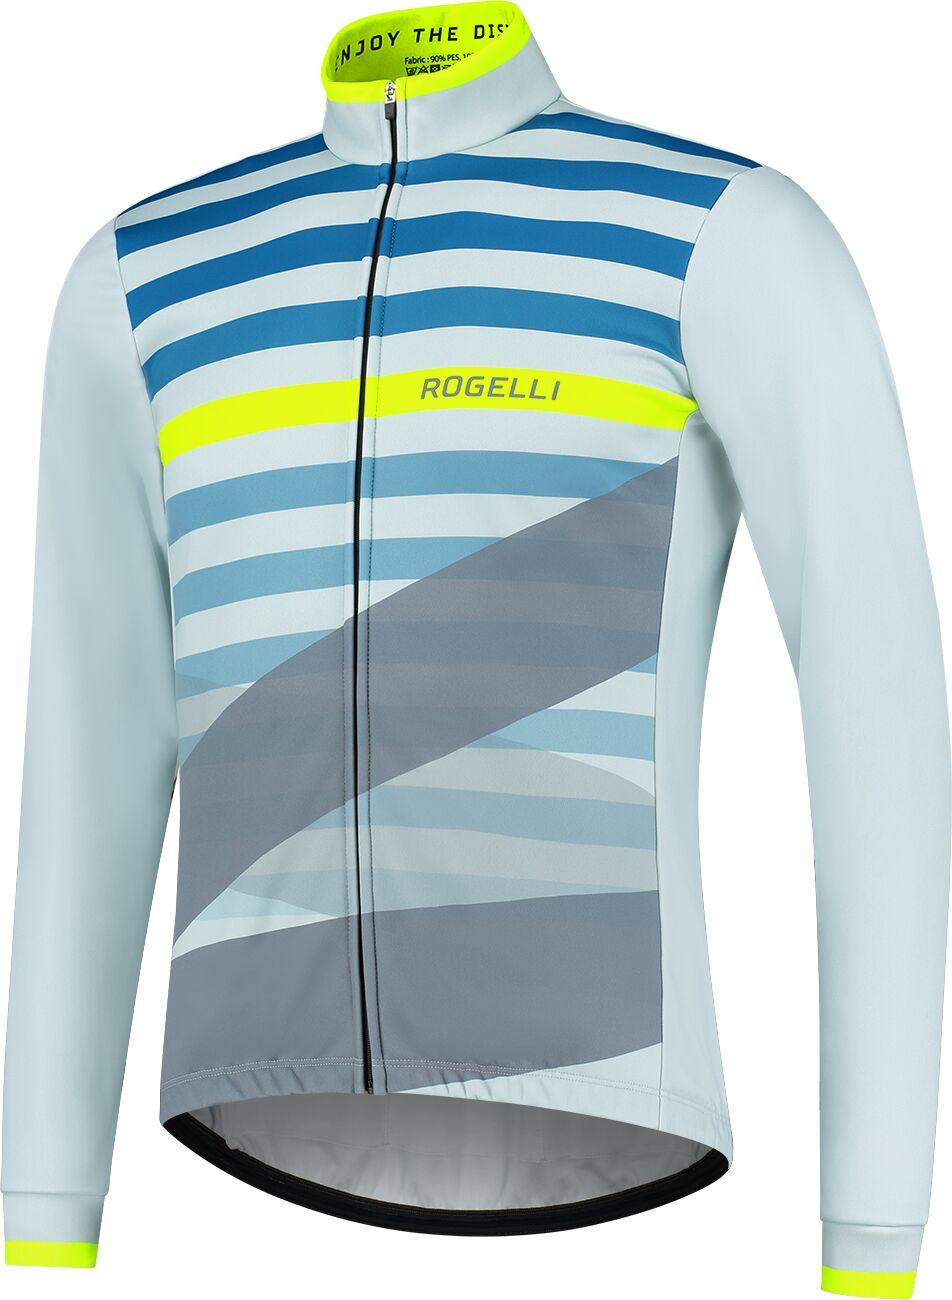 ROGELLI kurtka rowerowa zimowa STRIPE light blue ROG351040 Rozmiar: XL,SROG351040.S